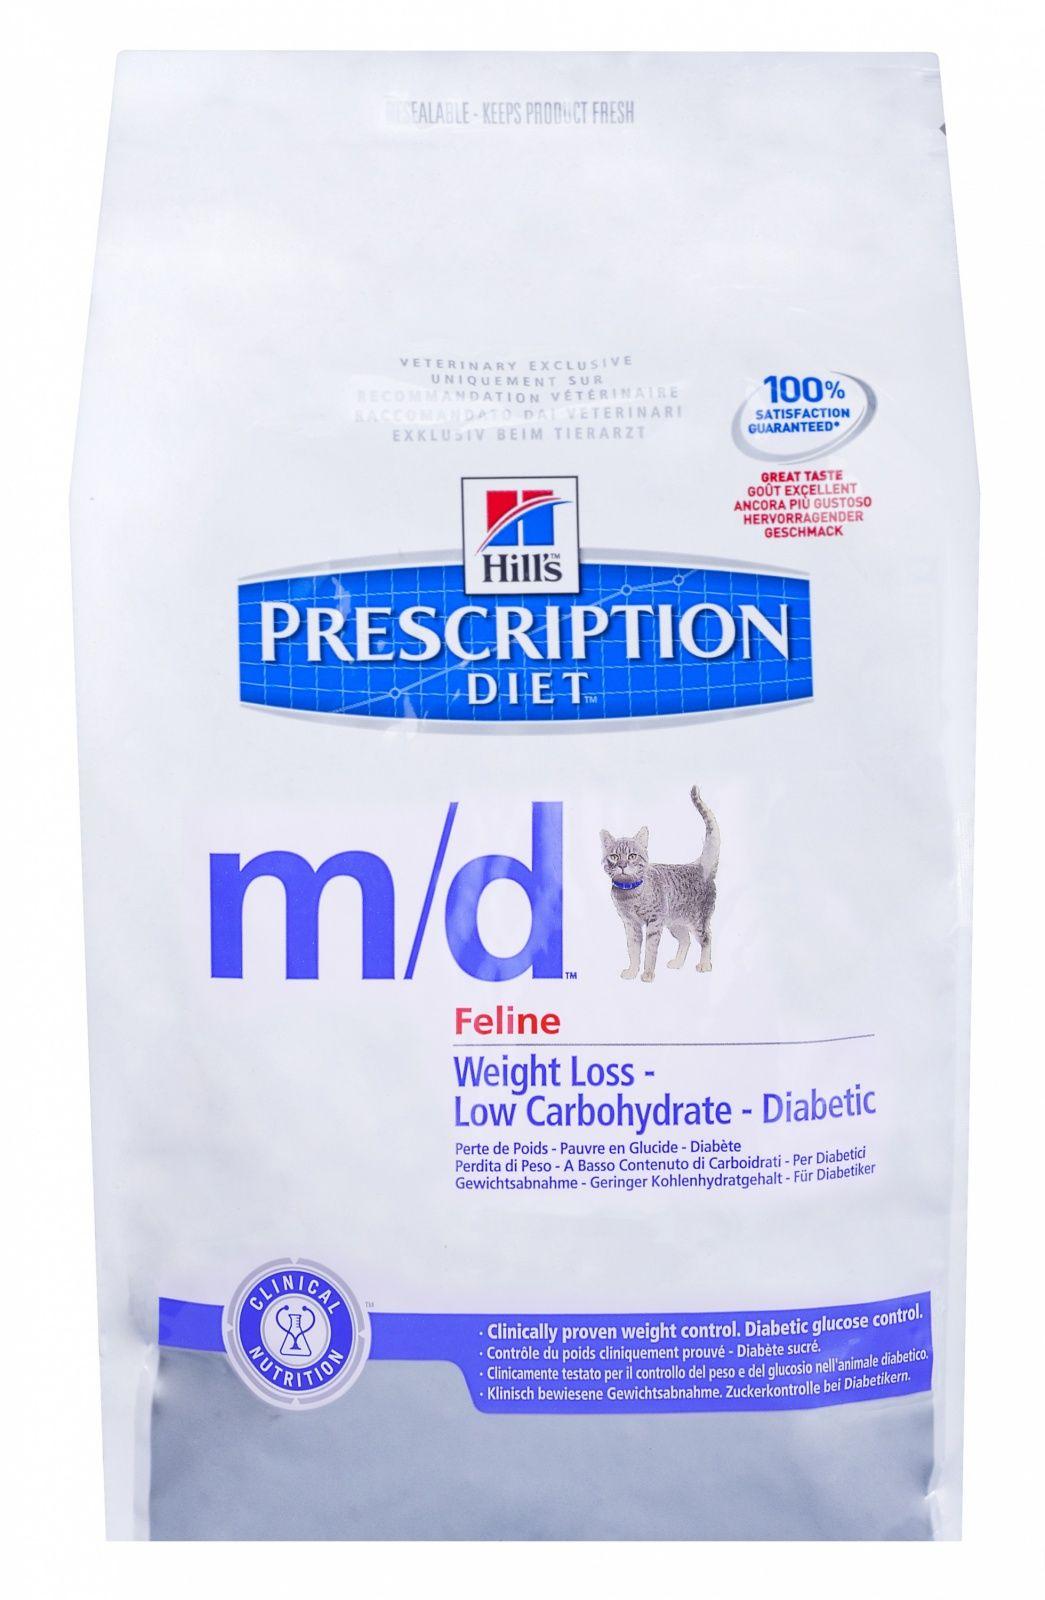 Диетический корм Hills M/D для кошек лечение сахарного диабета, 1,5кгЛечебные корма<br><br><br>Артикул: 8685M<br>Бренд: Hills<br>Вид: Сухие<br>Высота упаковки (мм): 0,35<br>Длина упаковки (мм): 0,19<br>Ширина упаковки (мм): 0,07<br>Вес брутто (кг): 1,5<br>Страна-изготовитель: США<br>Вес упаковки (кг): 1,5<br>Размер/порода: Для всех пород<br>Для кого: Кошки<br>Особая серия: При сахарном диабете